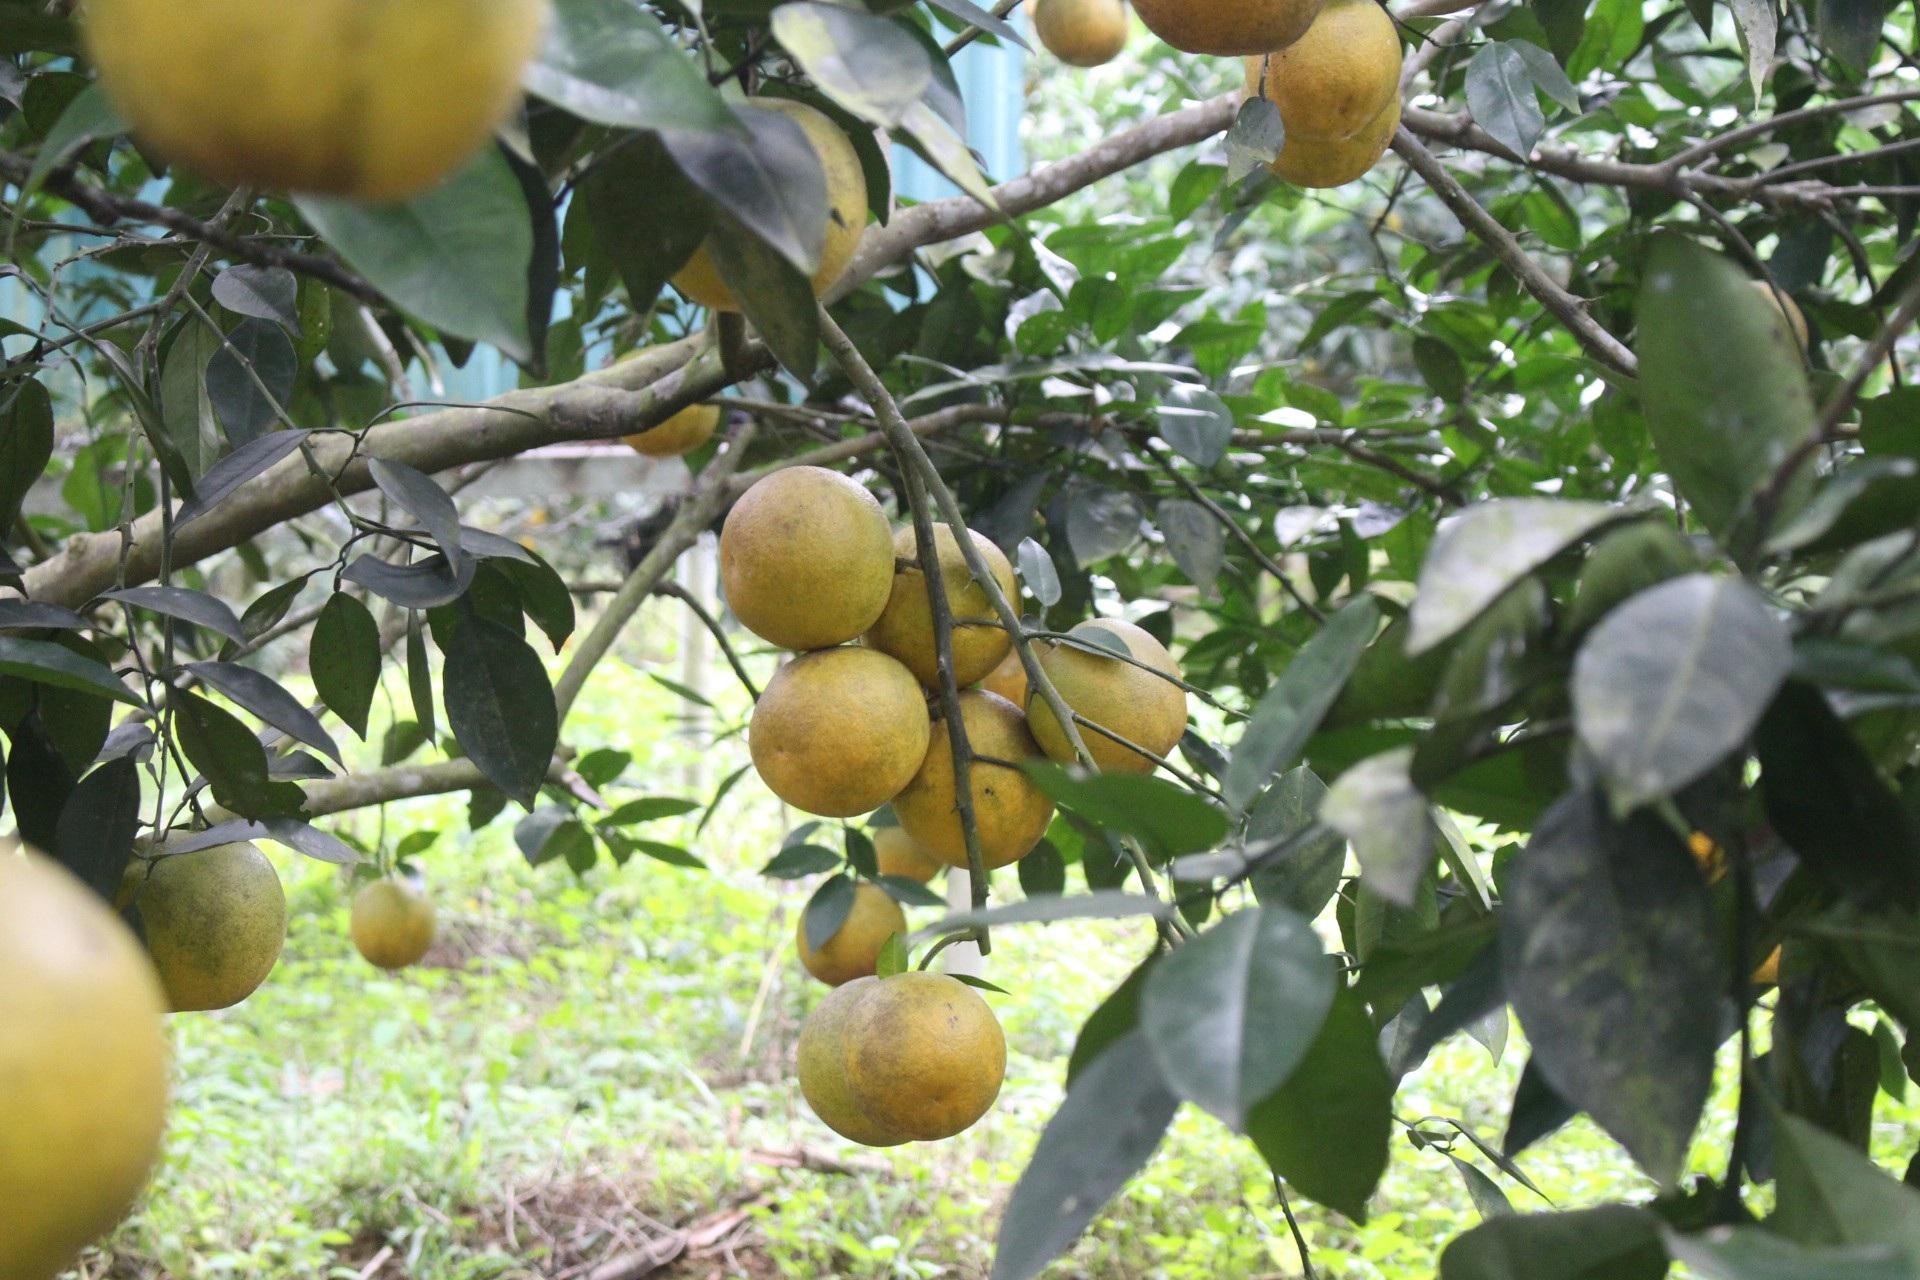 """Mê mẩn nhìn những vườn cam chín mọng chuẩn bị """"bung lụa"""" cho Tết Nguyên Đán - Ảnh 3."""